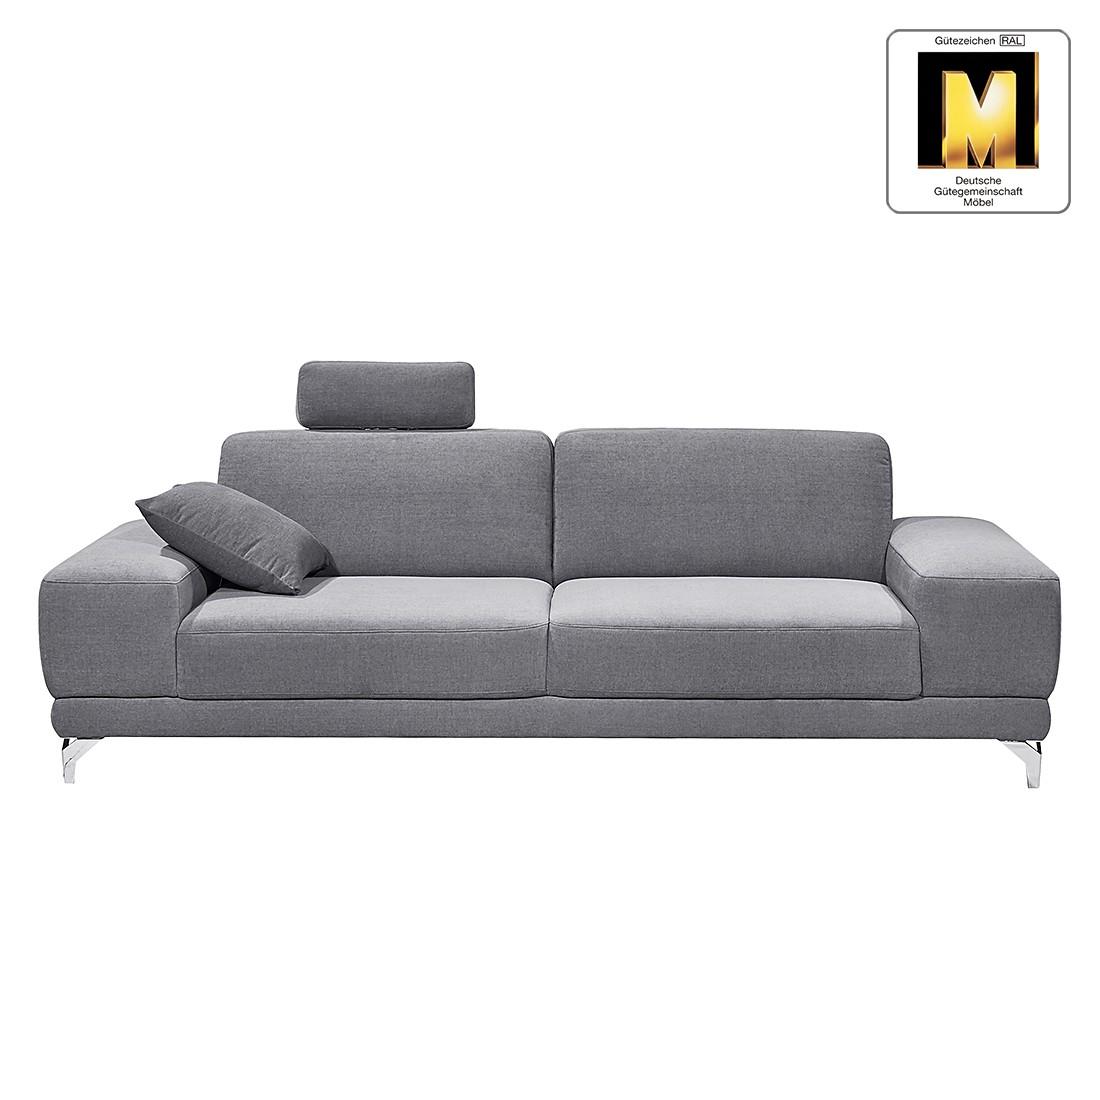 Sofa Casual Line (2,5-Sitzer) – Velours – Keine Funktion – Silbergrau, Claas Claasen günstig bestellen